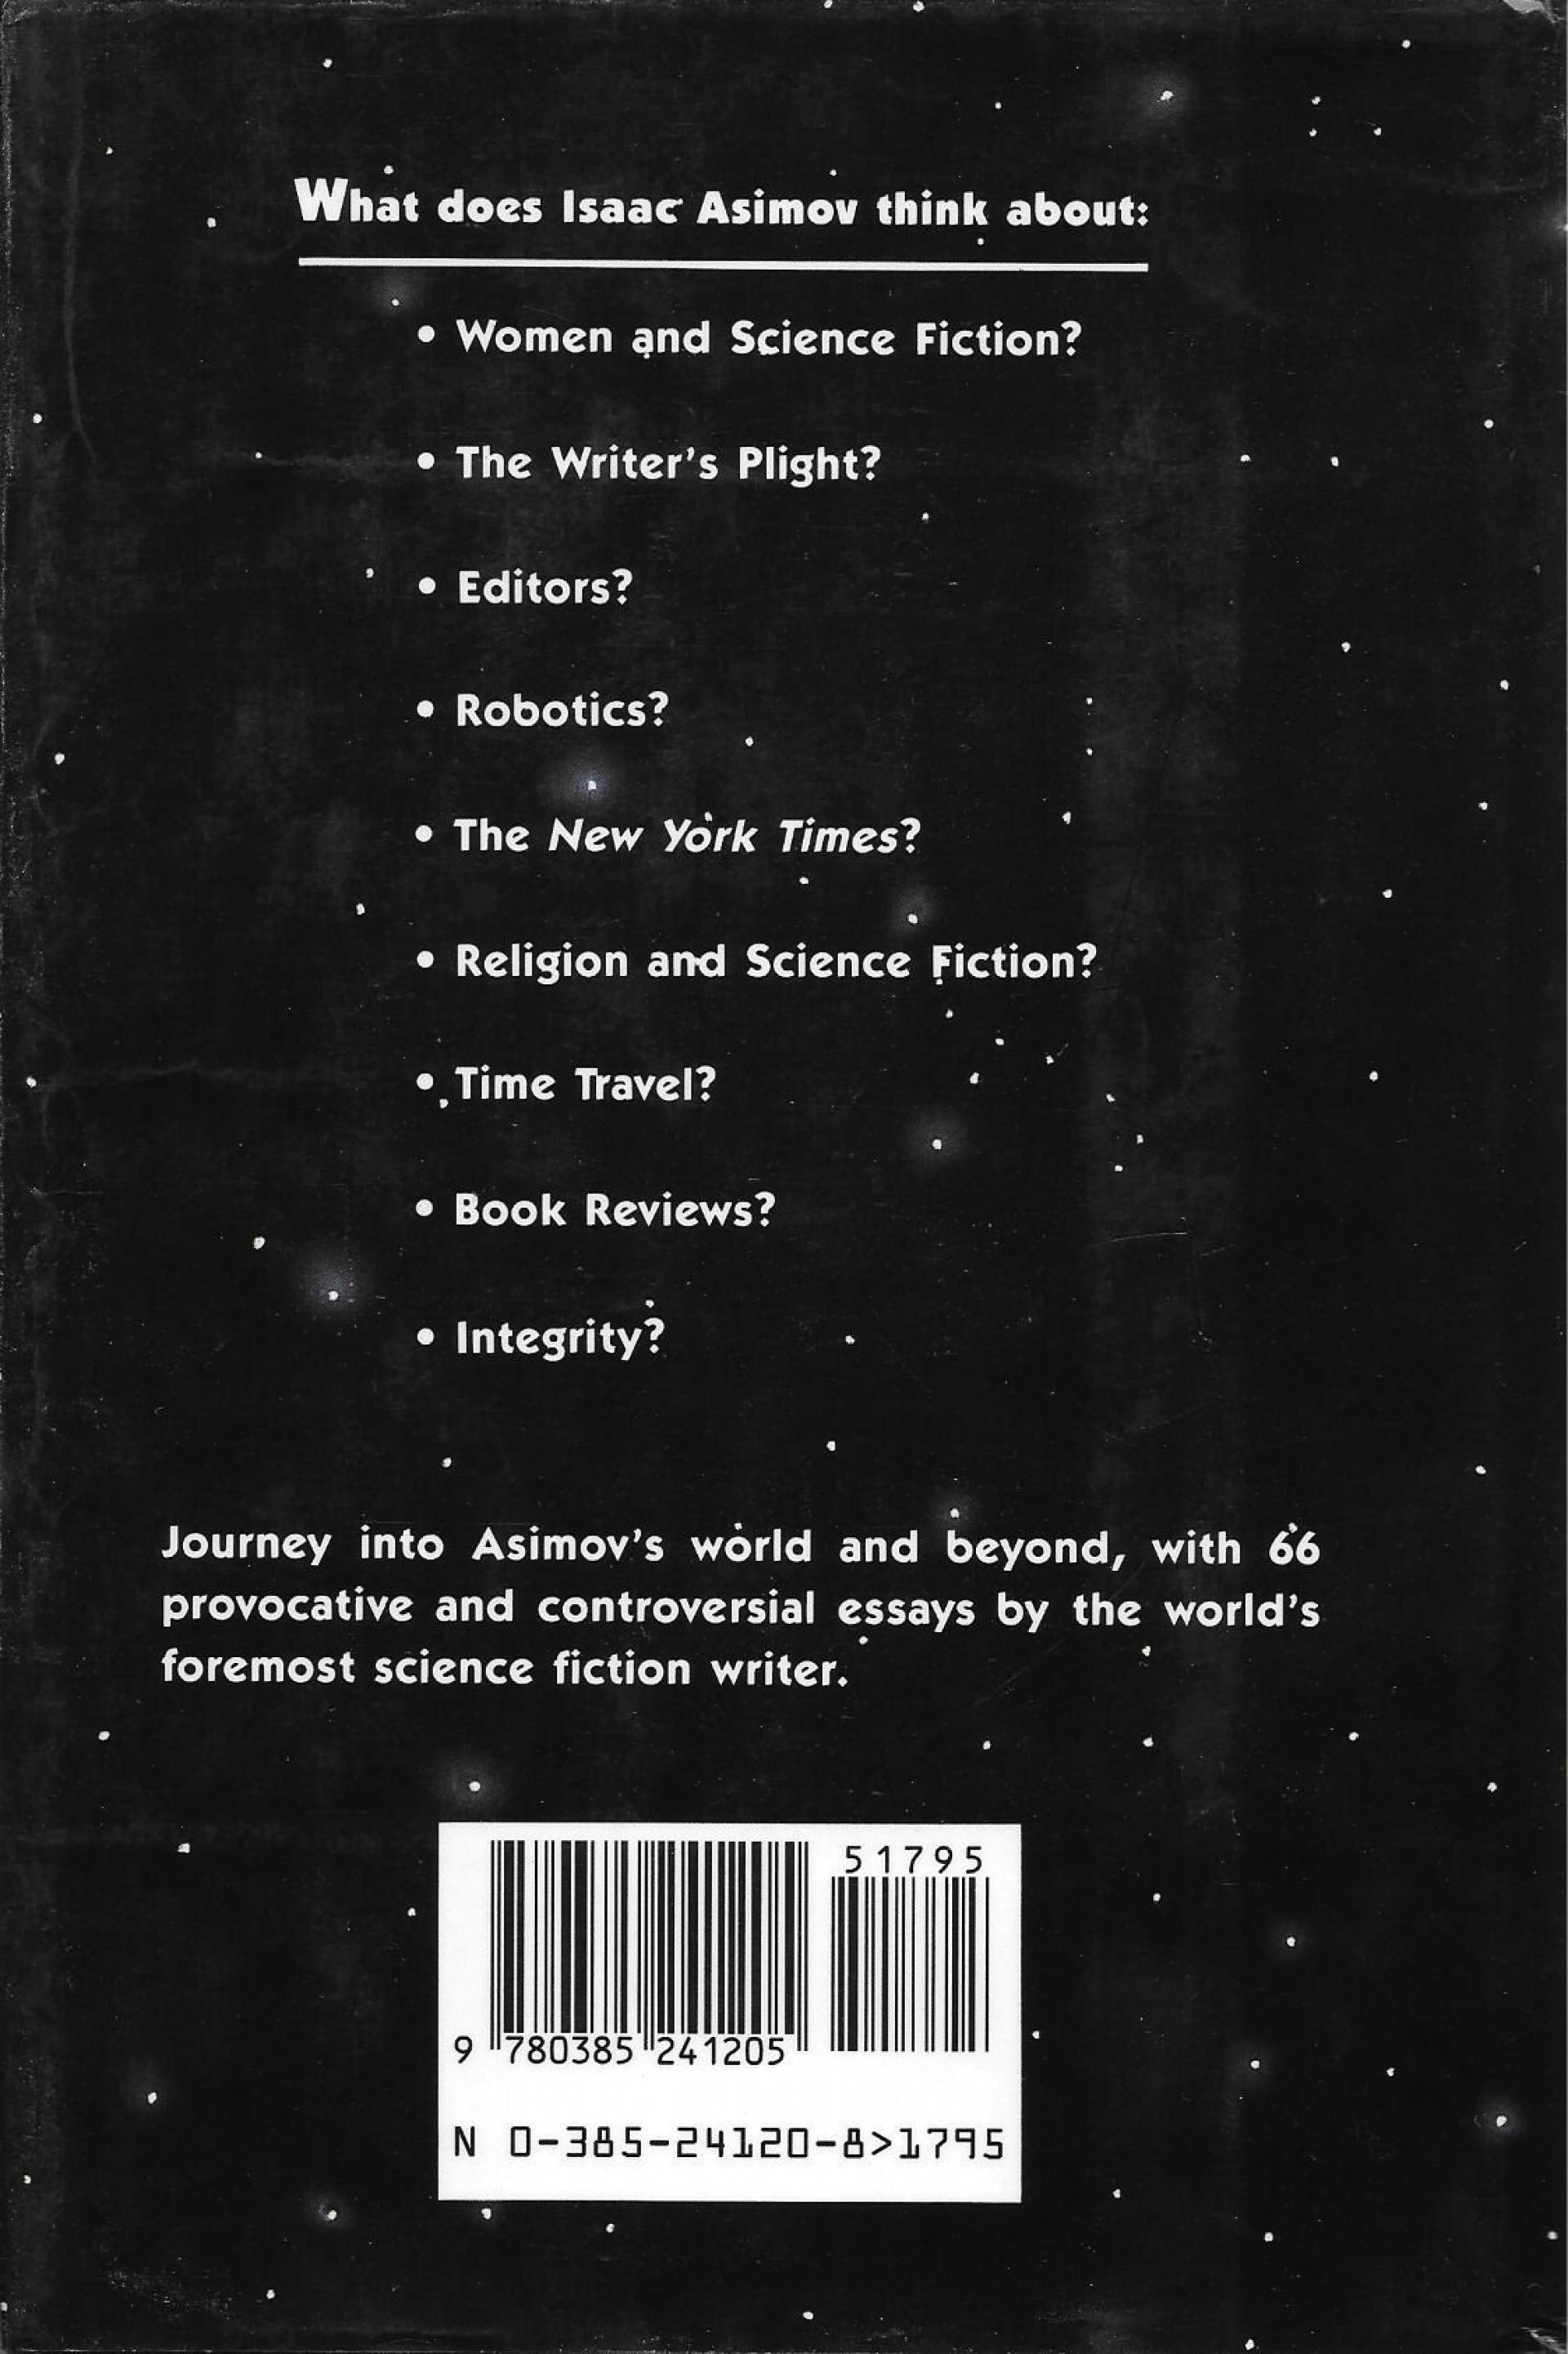 014 Isaac Asimov Essays 71gbytofqyl Essay Awful On Creativity Intelligence 1920